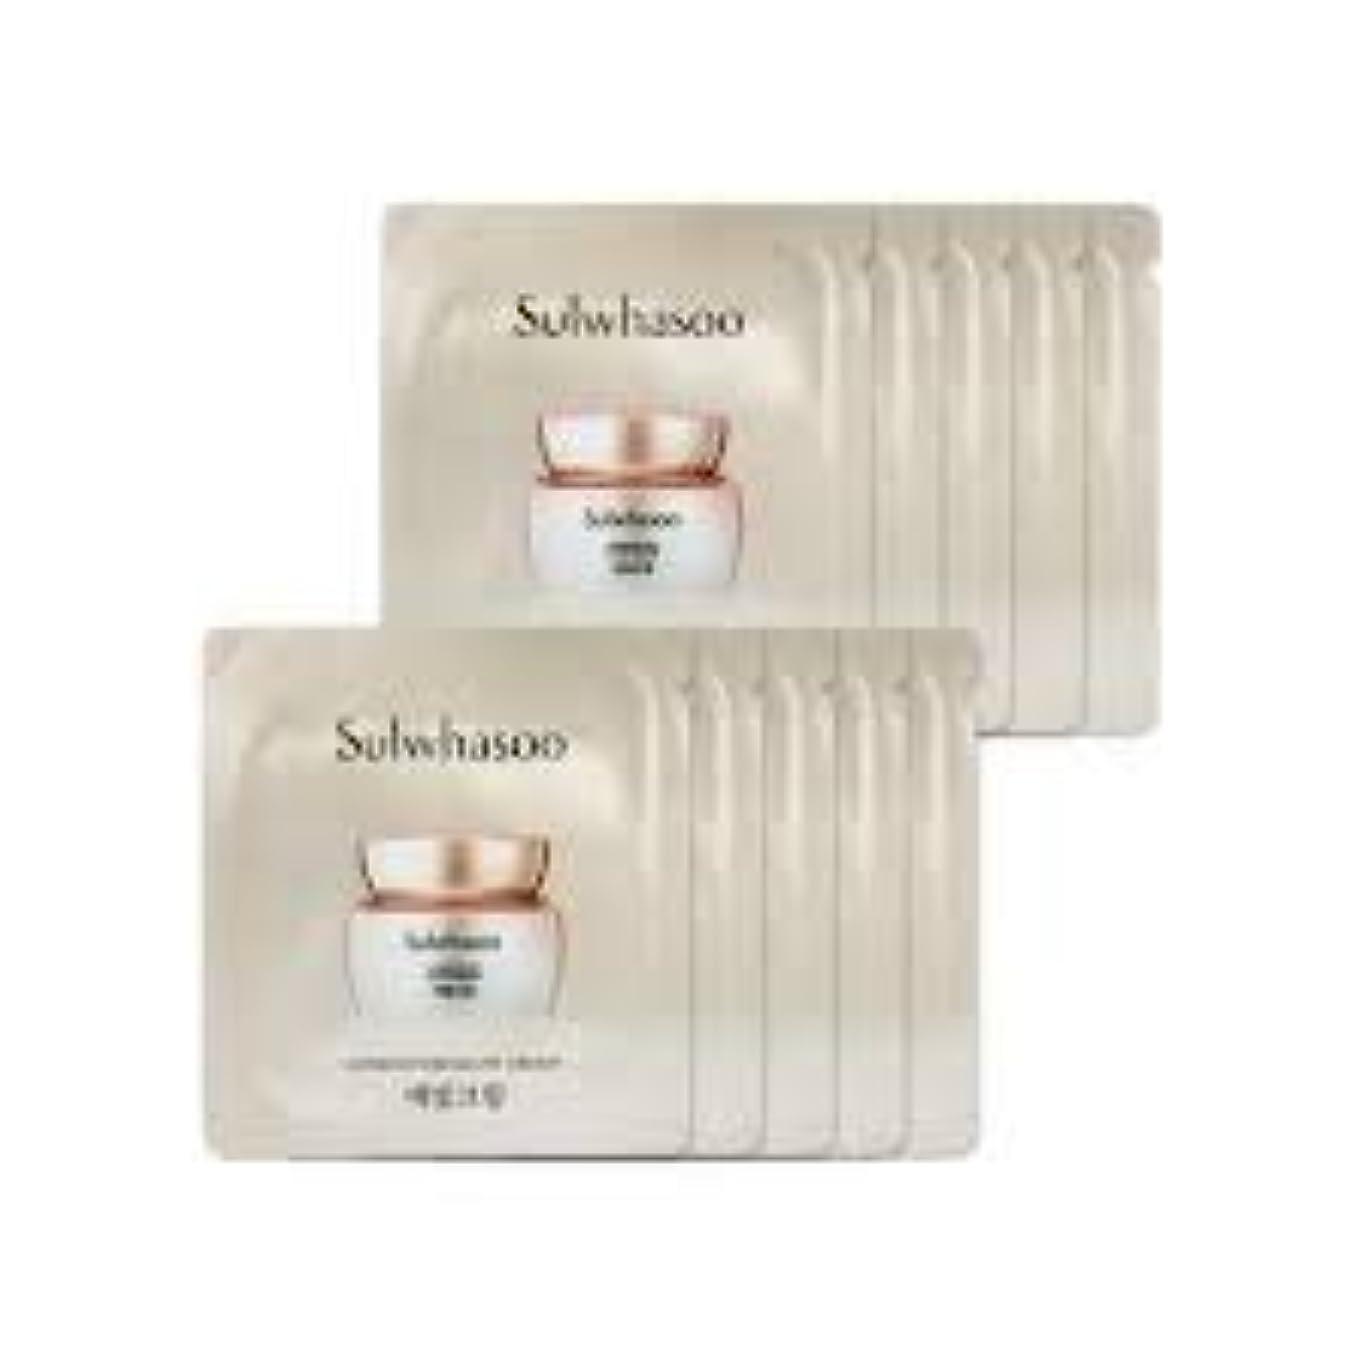 作成するお祝い外交[ソルファス ] Sulwhasoo (雪花秀) ルミナチュアグロー Luminature Glow Cream 1ml x 30 (イェビトクリーム) [ShopMaster1]